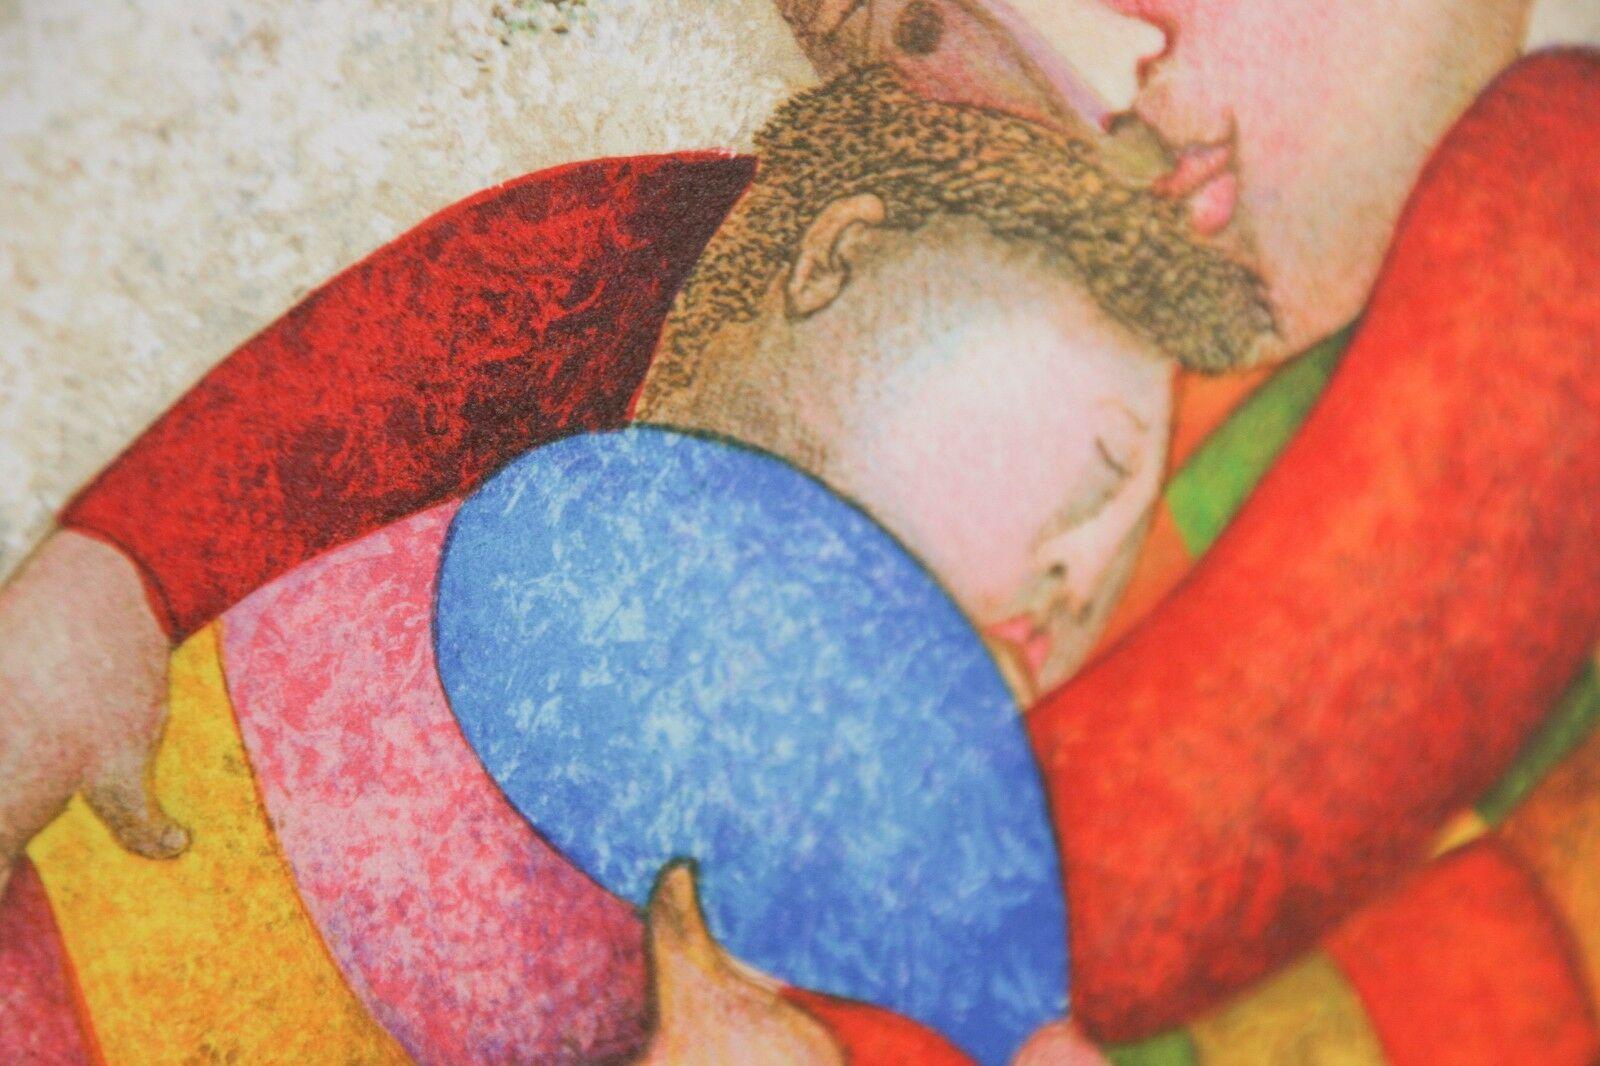 """"""" Amour,Tendresse """" von Graciela Rodo Boulanger Lithographie auf dem Papier Le image 2"""